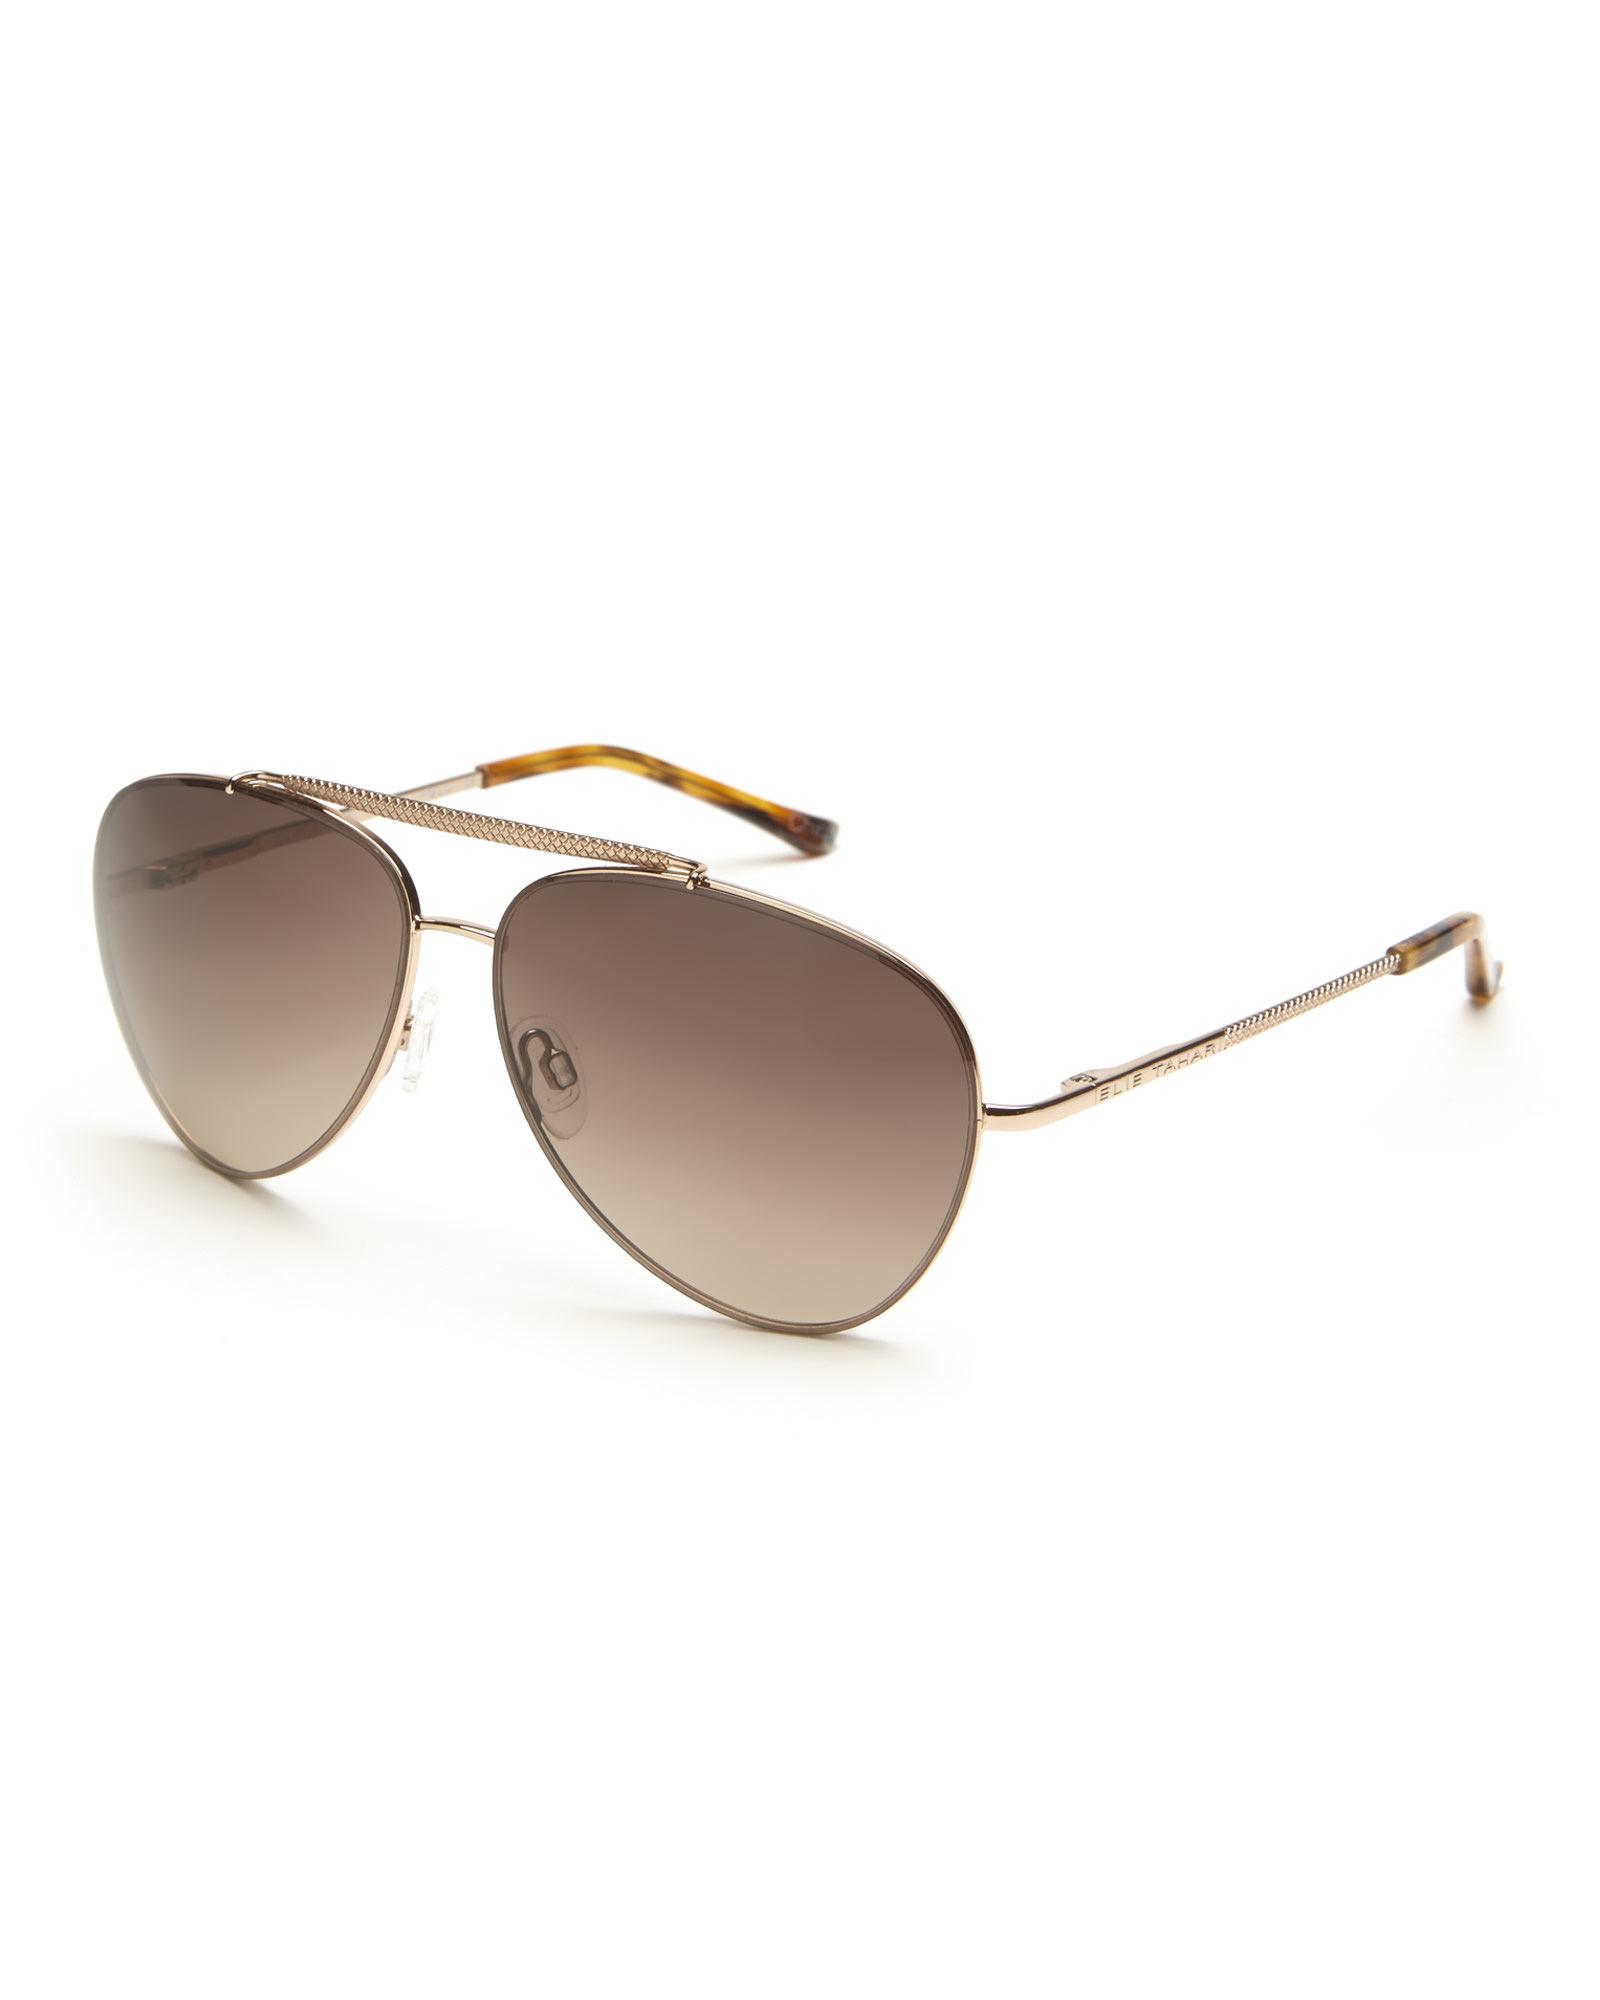 d3f27872e5 Lyst - Elie Tahari Rose Gold-Tone 144 Aviator Sunglasses in Brown ...